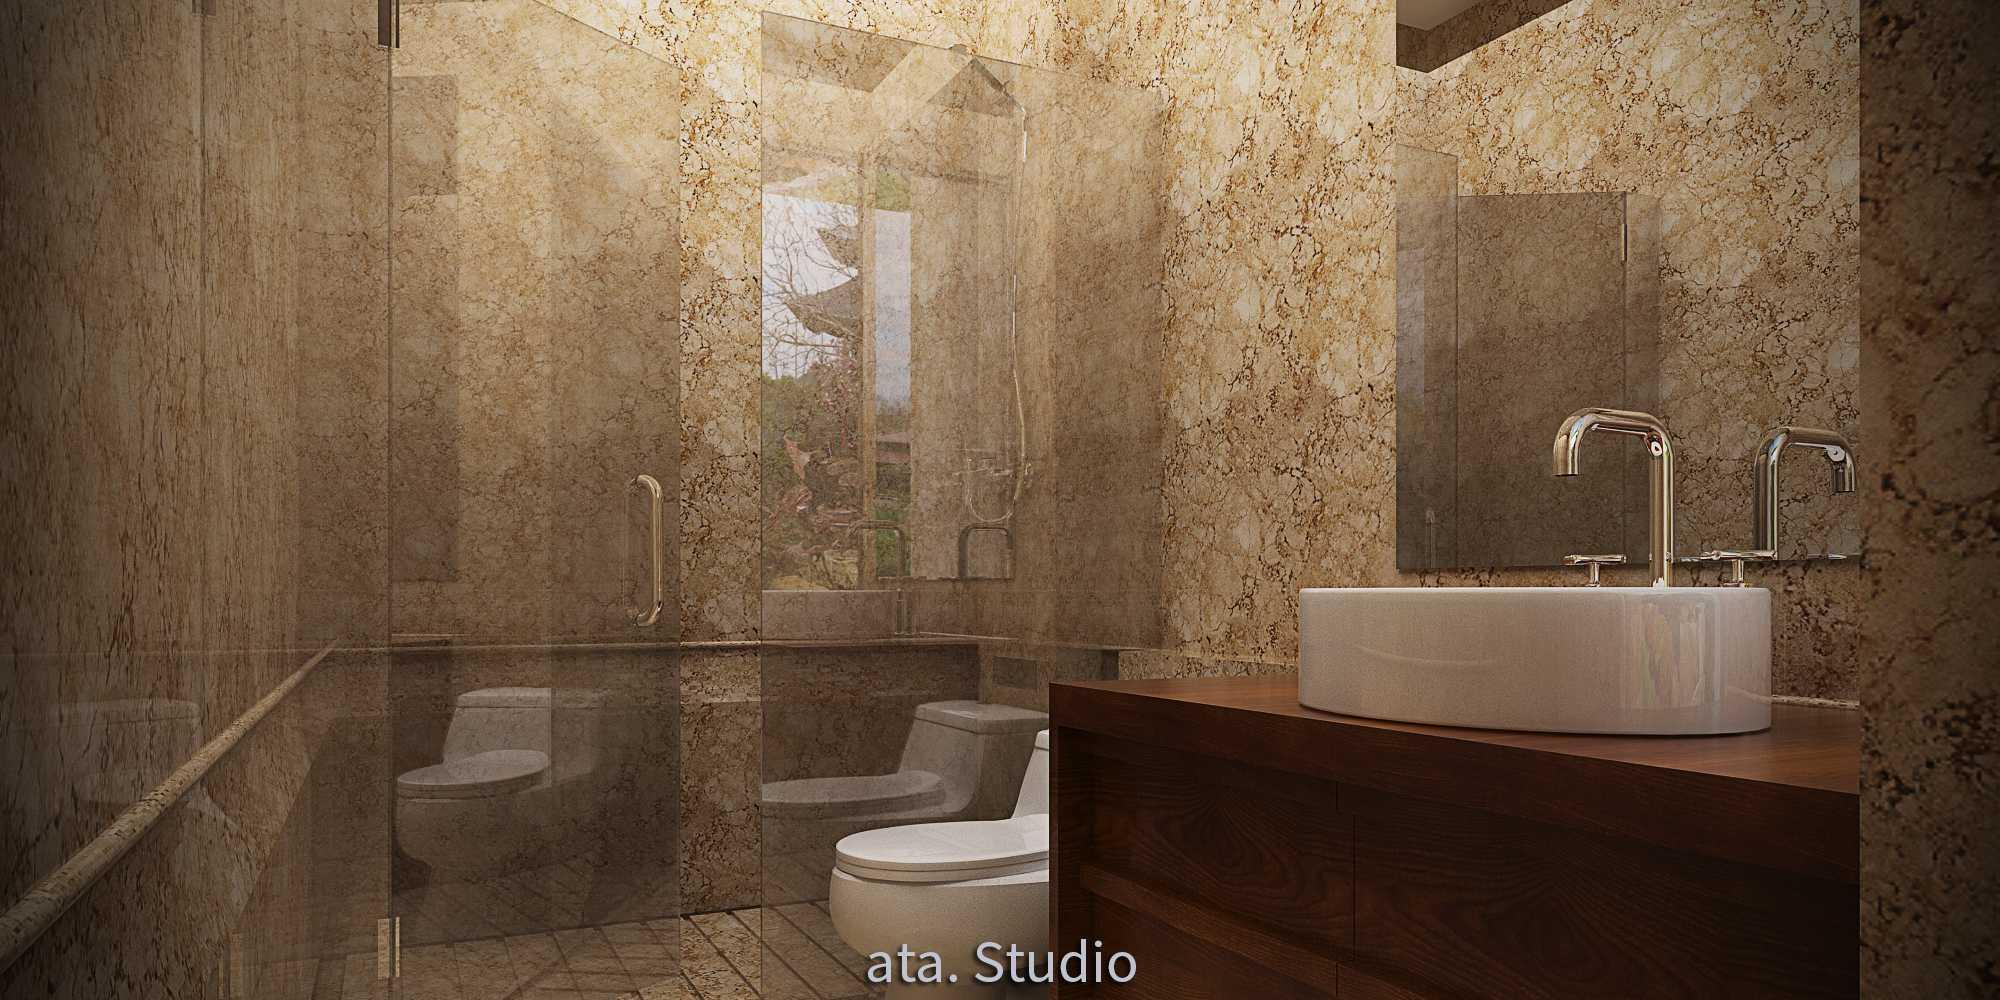 Ata. Studio A-House Kec. Anyar, Serang, Banten, Indonesia Kec. Anyar, Serang, Banten, Indonesia Ata-Studio-A-House   85678